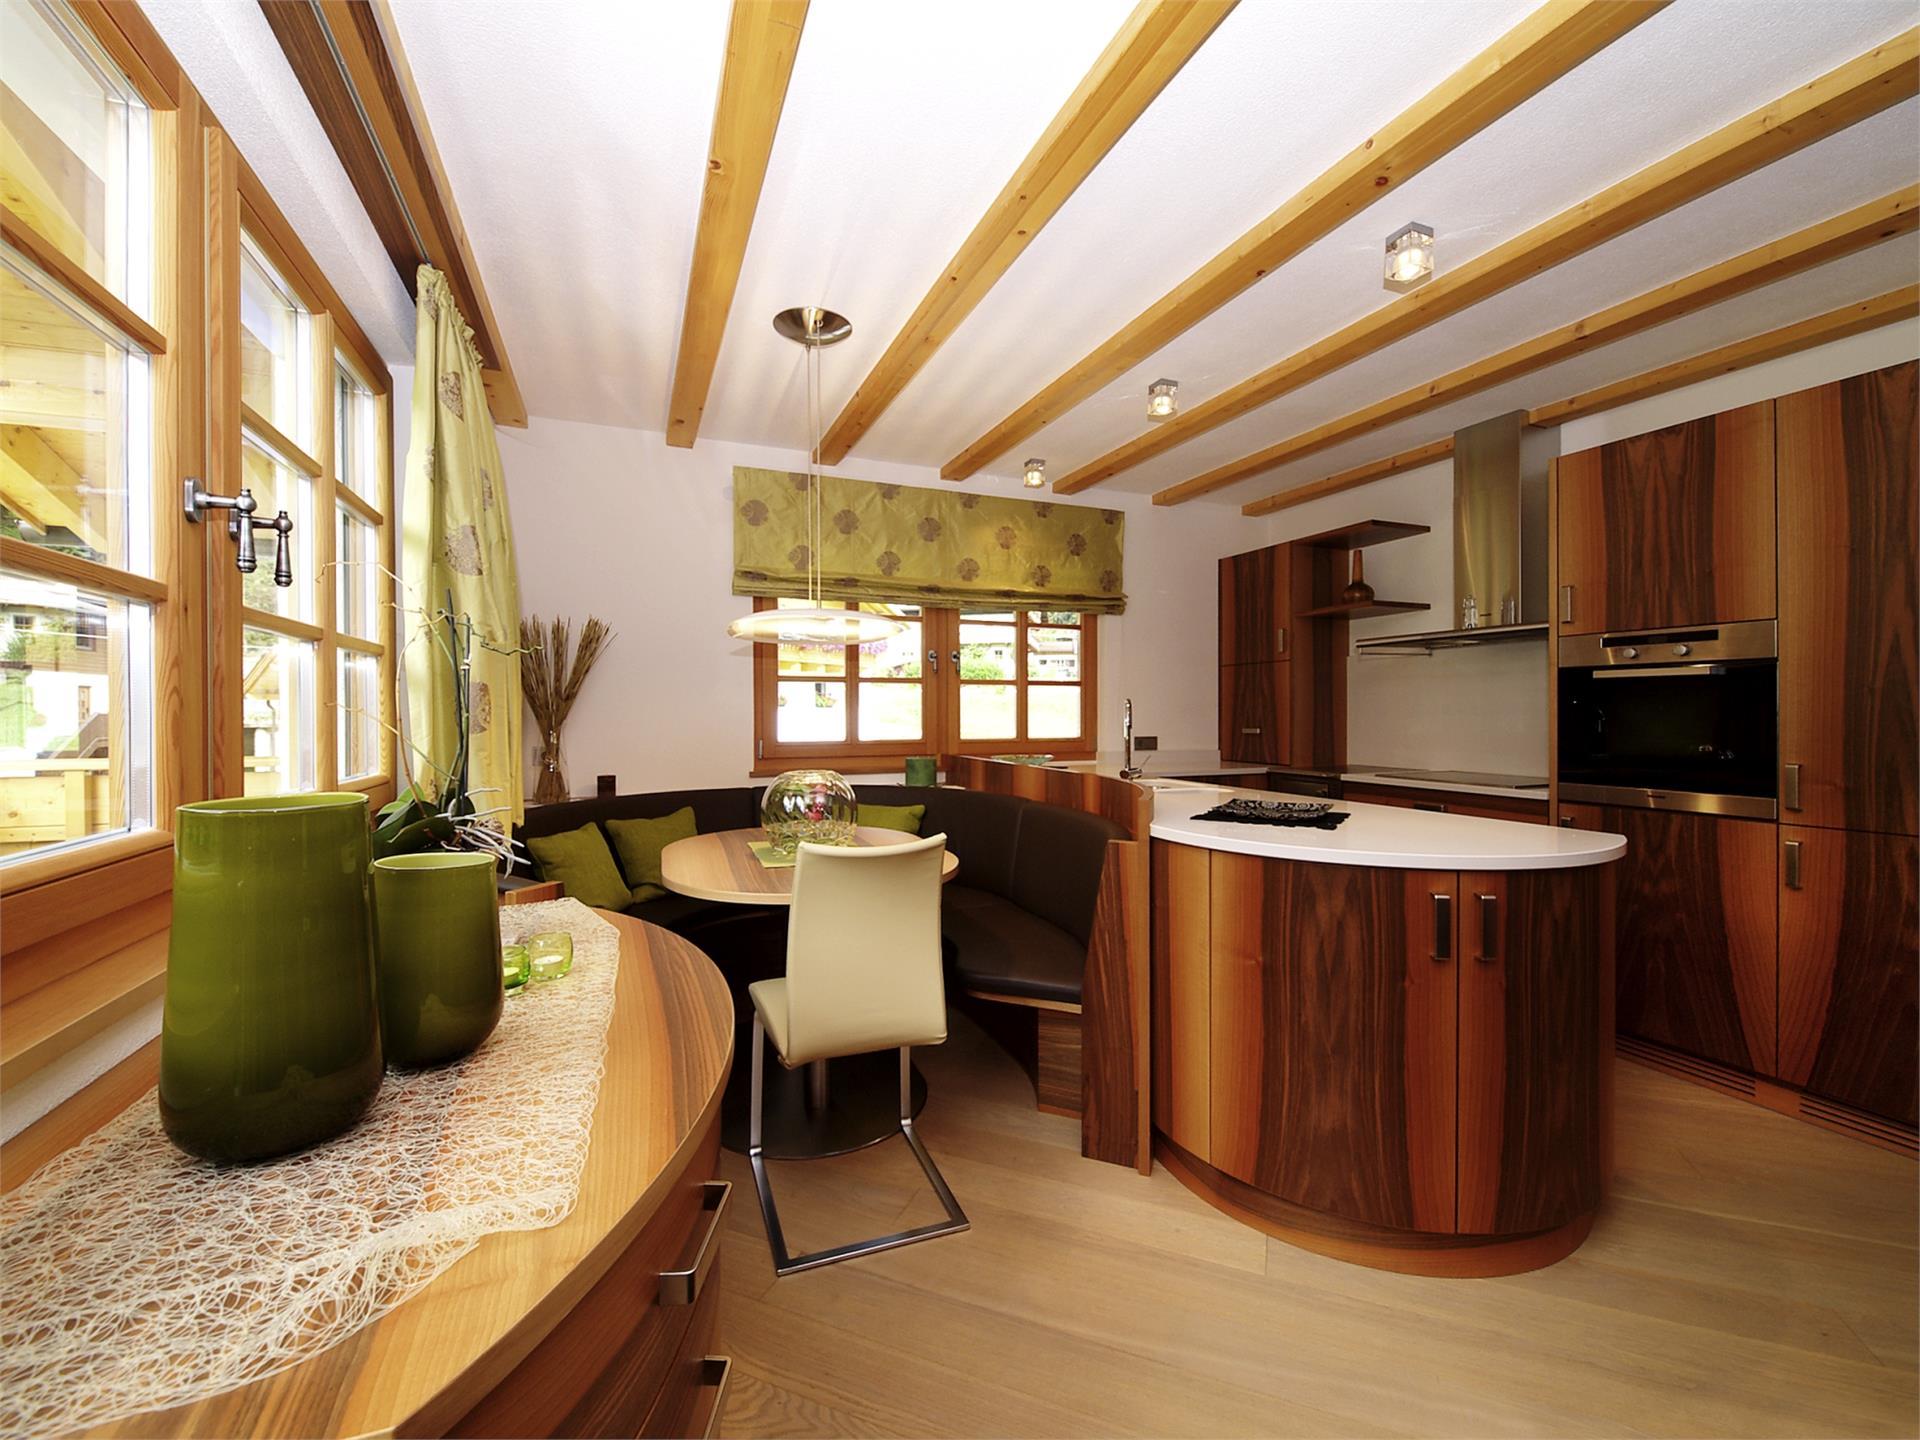 cucina abitabile - appartamento A